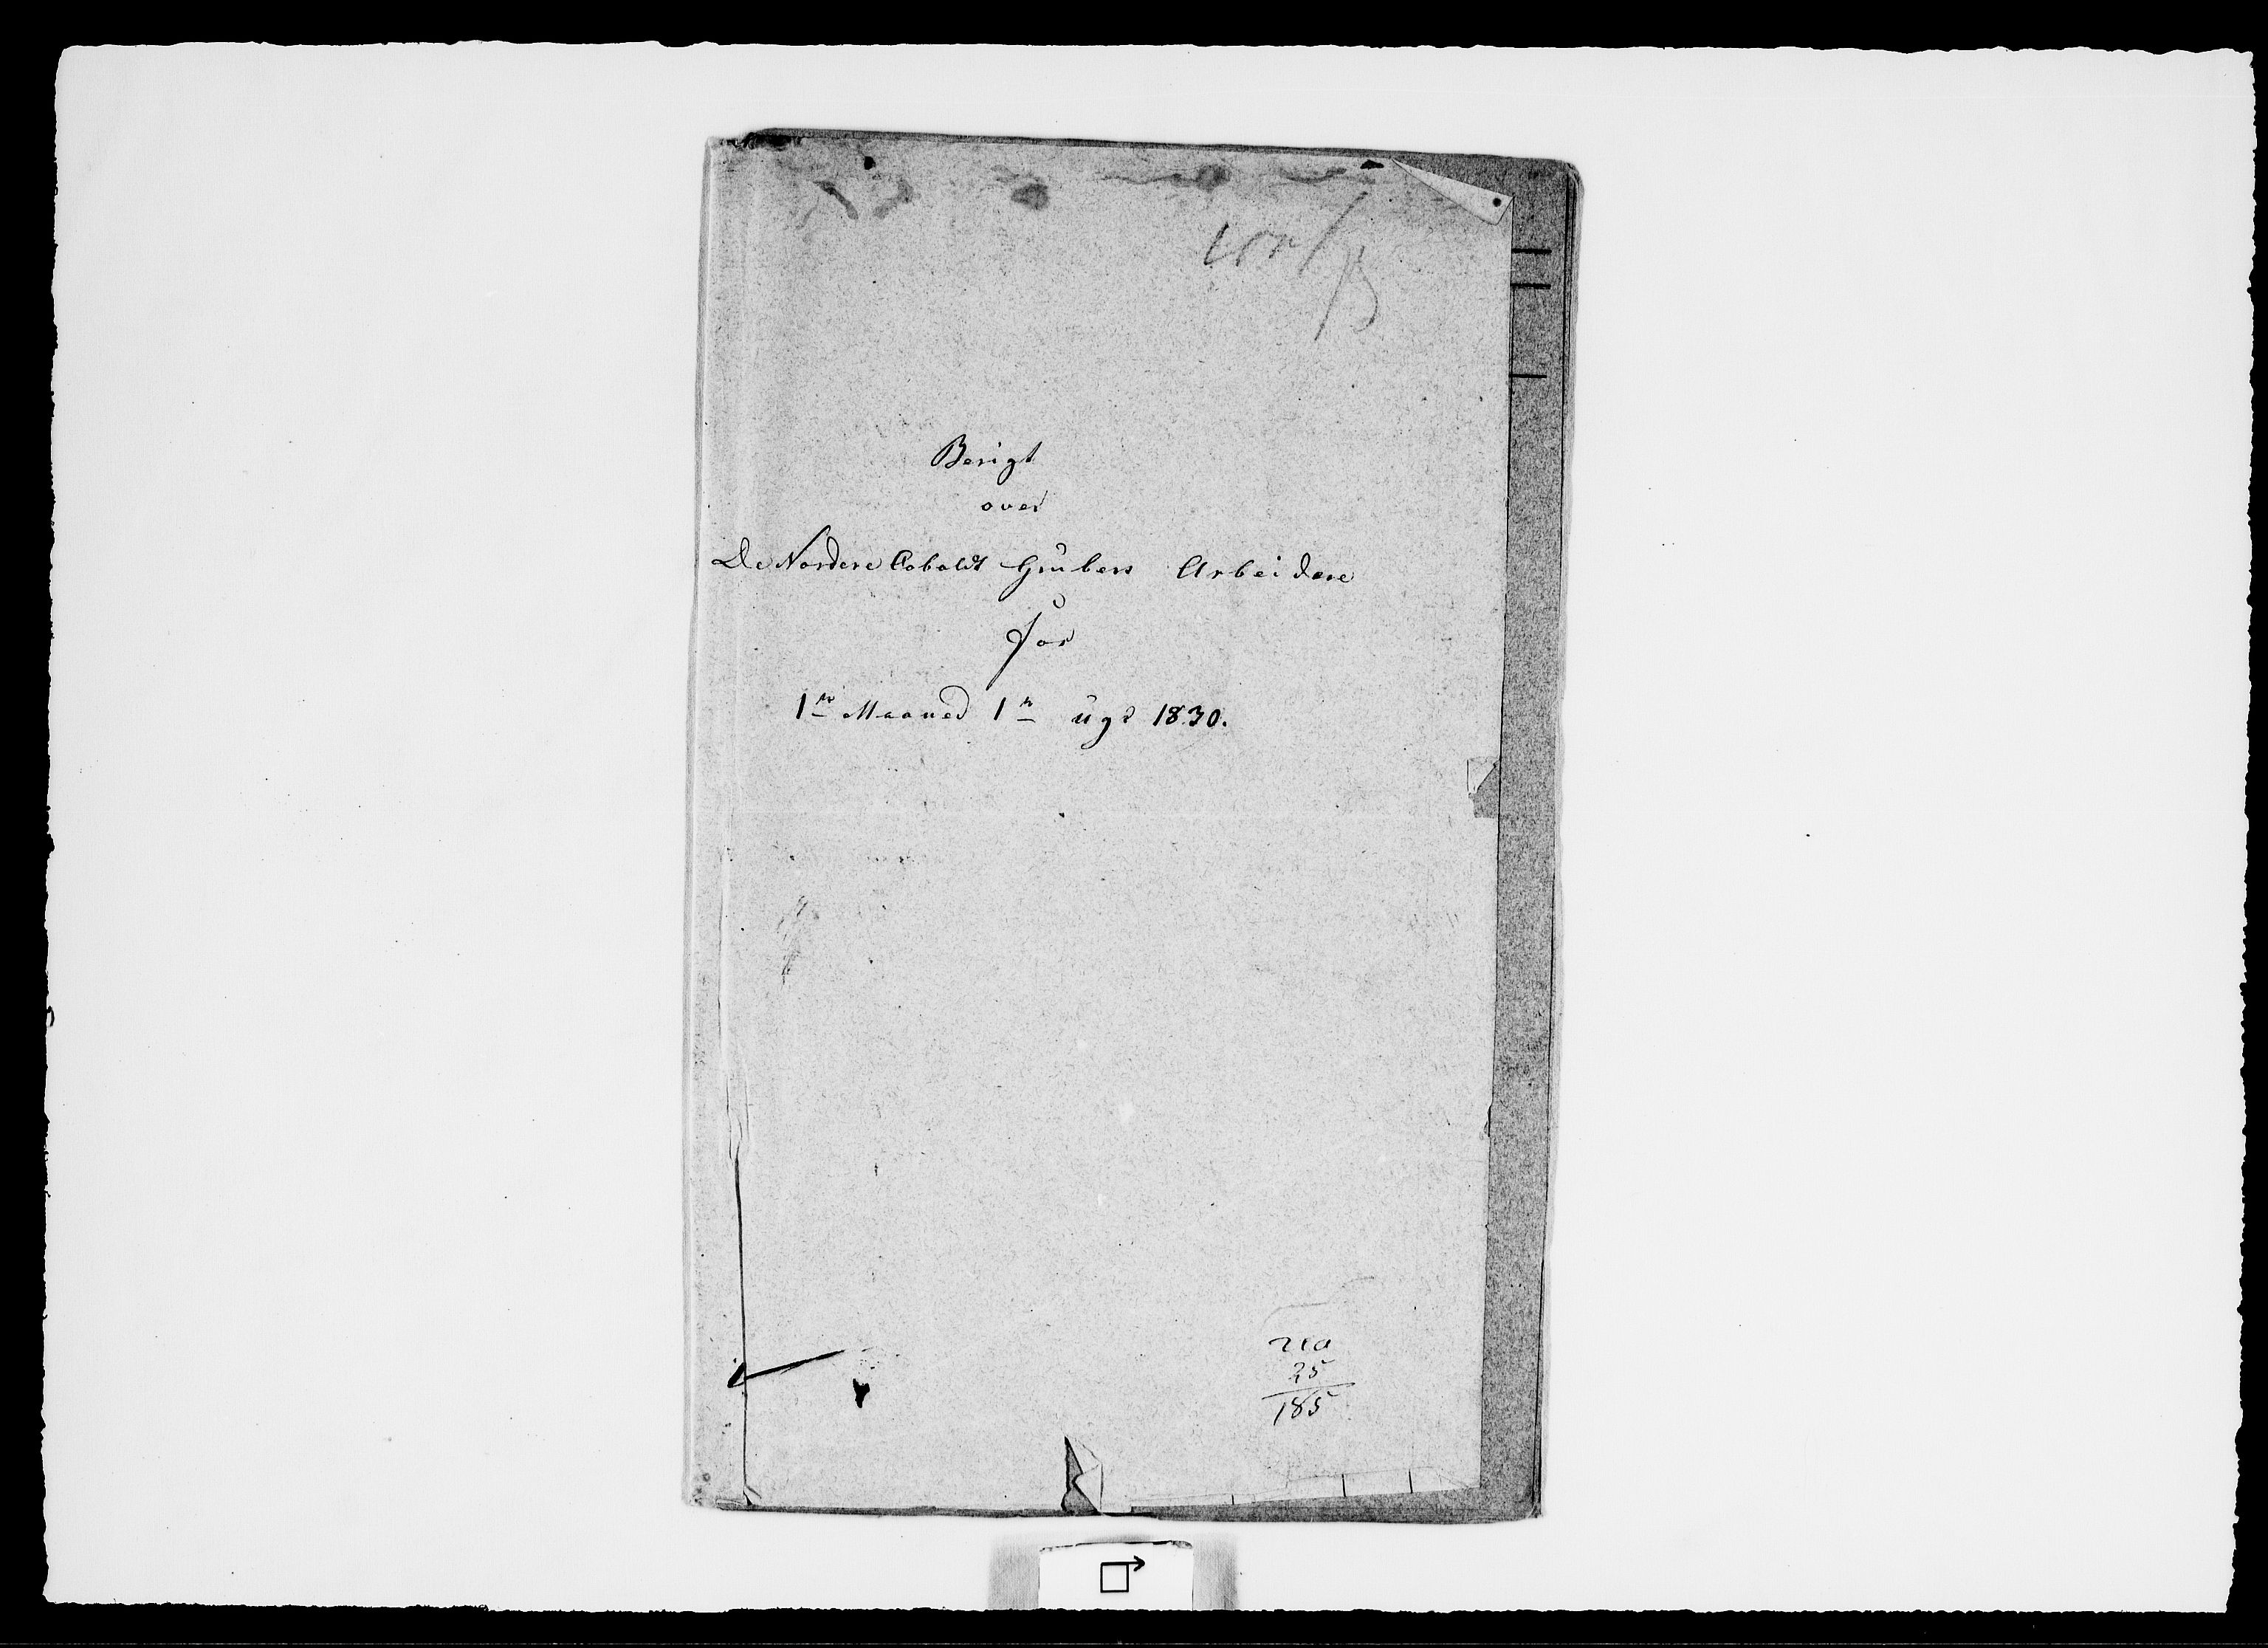 RA, Modums Blaafarveværk, G/Ge/L0335, 1830, s. 2